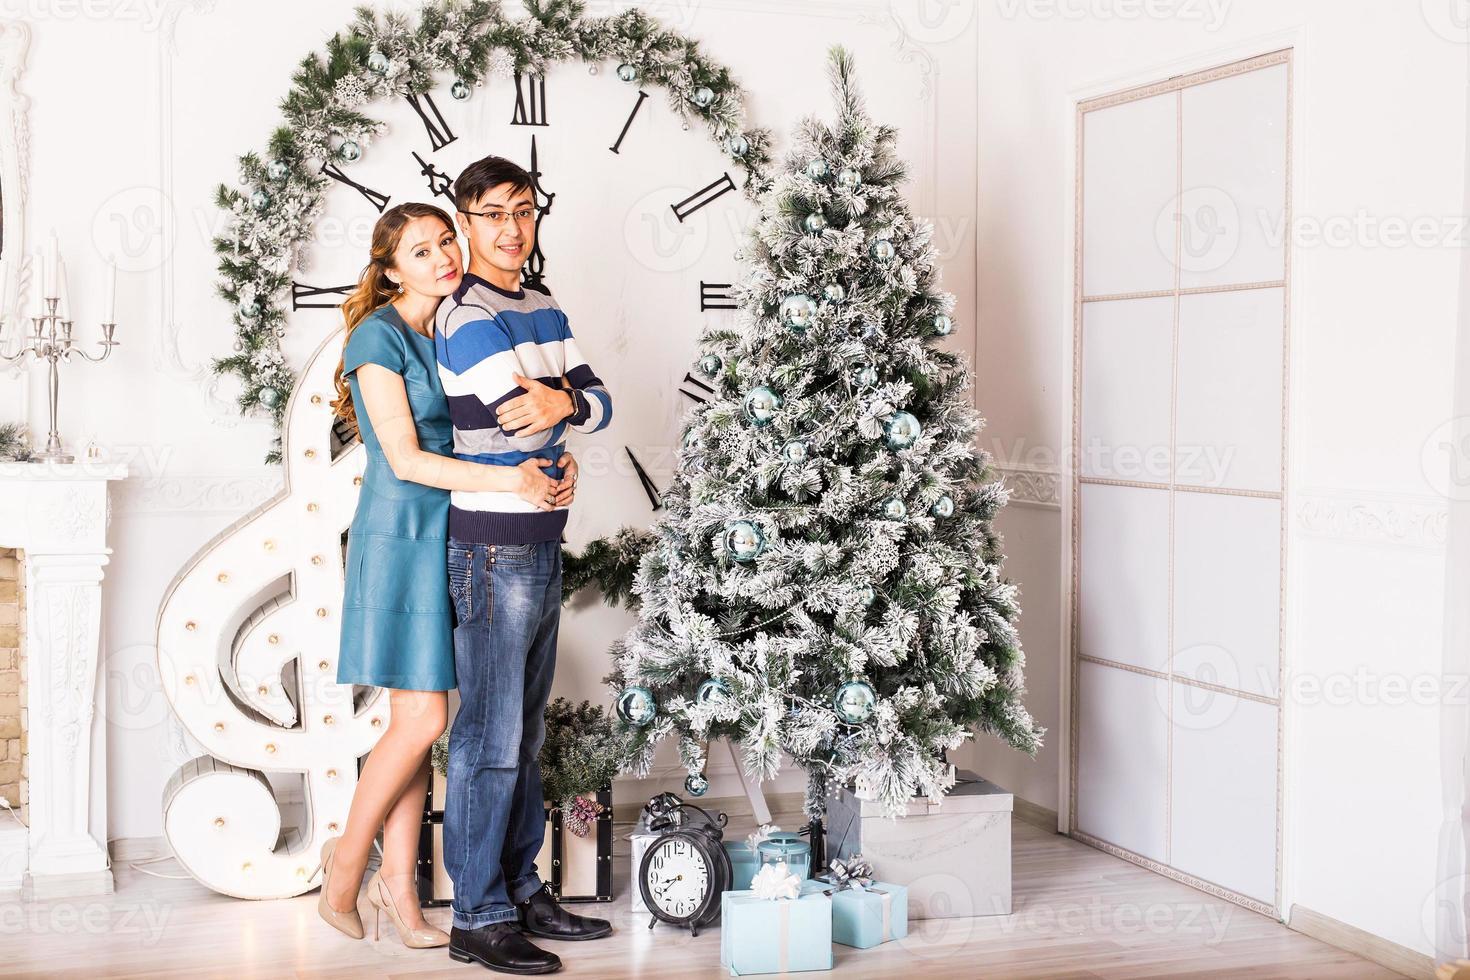 Weihnachtspaar.glücklich lächelnde Familie zu Hause feiern.neues Jahr foto